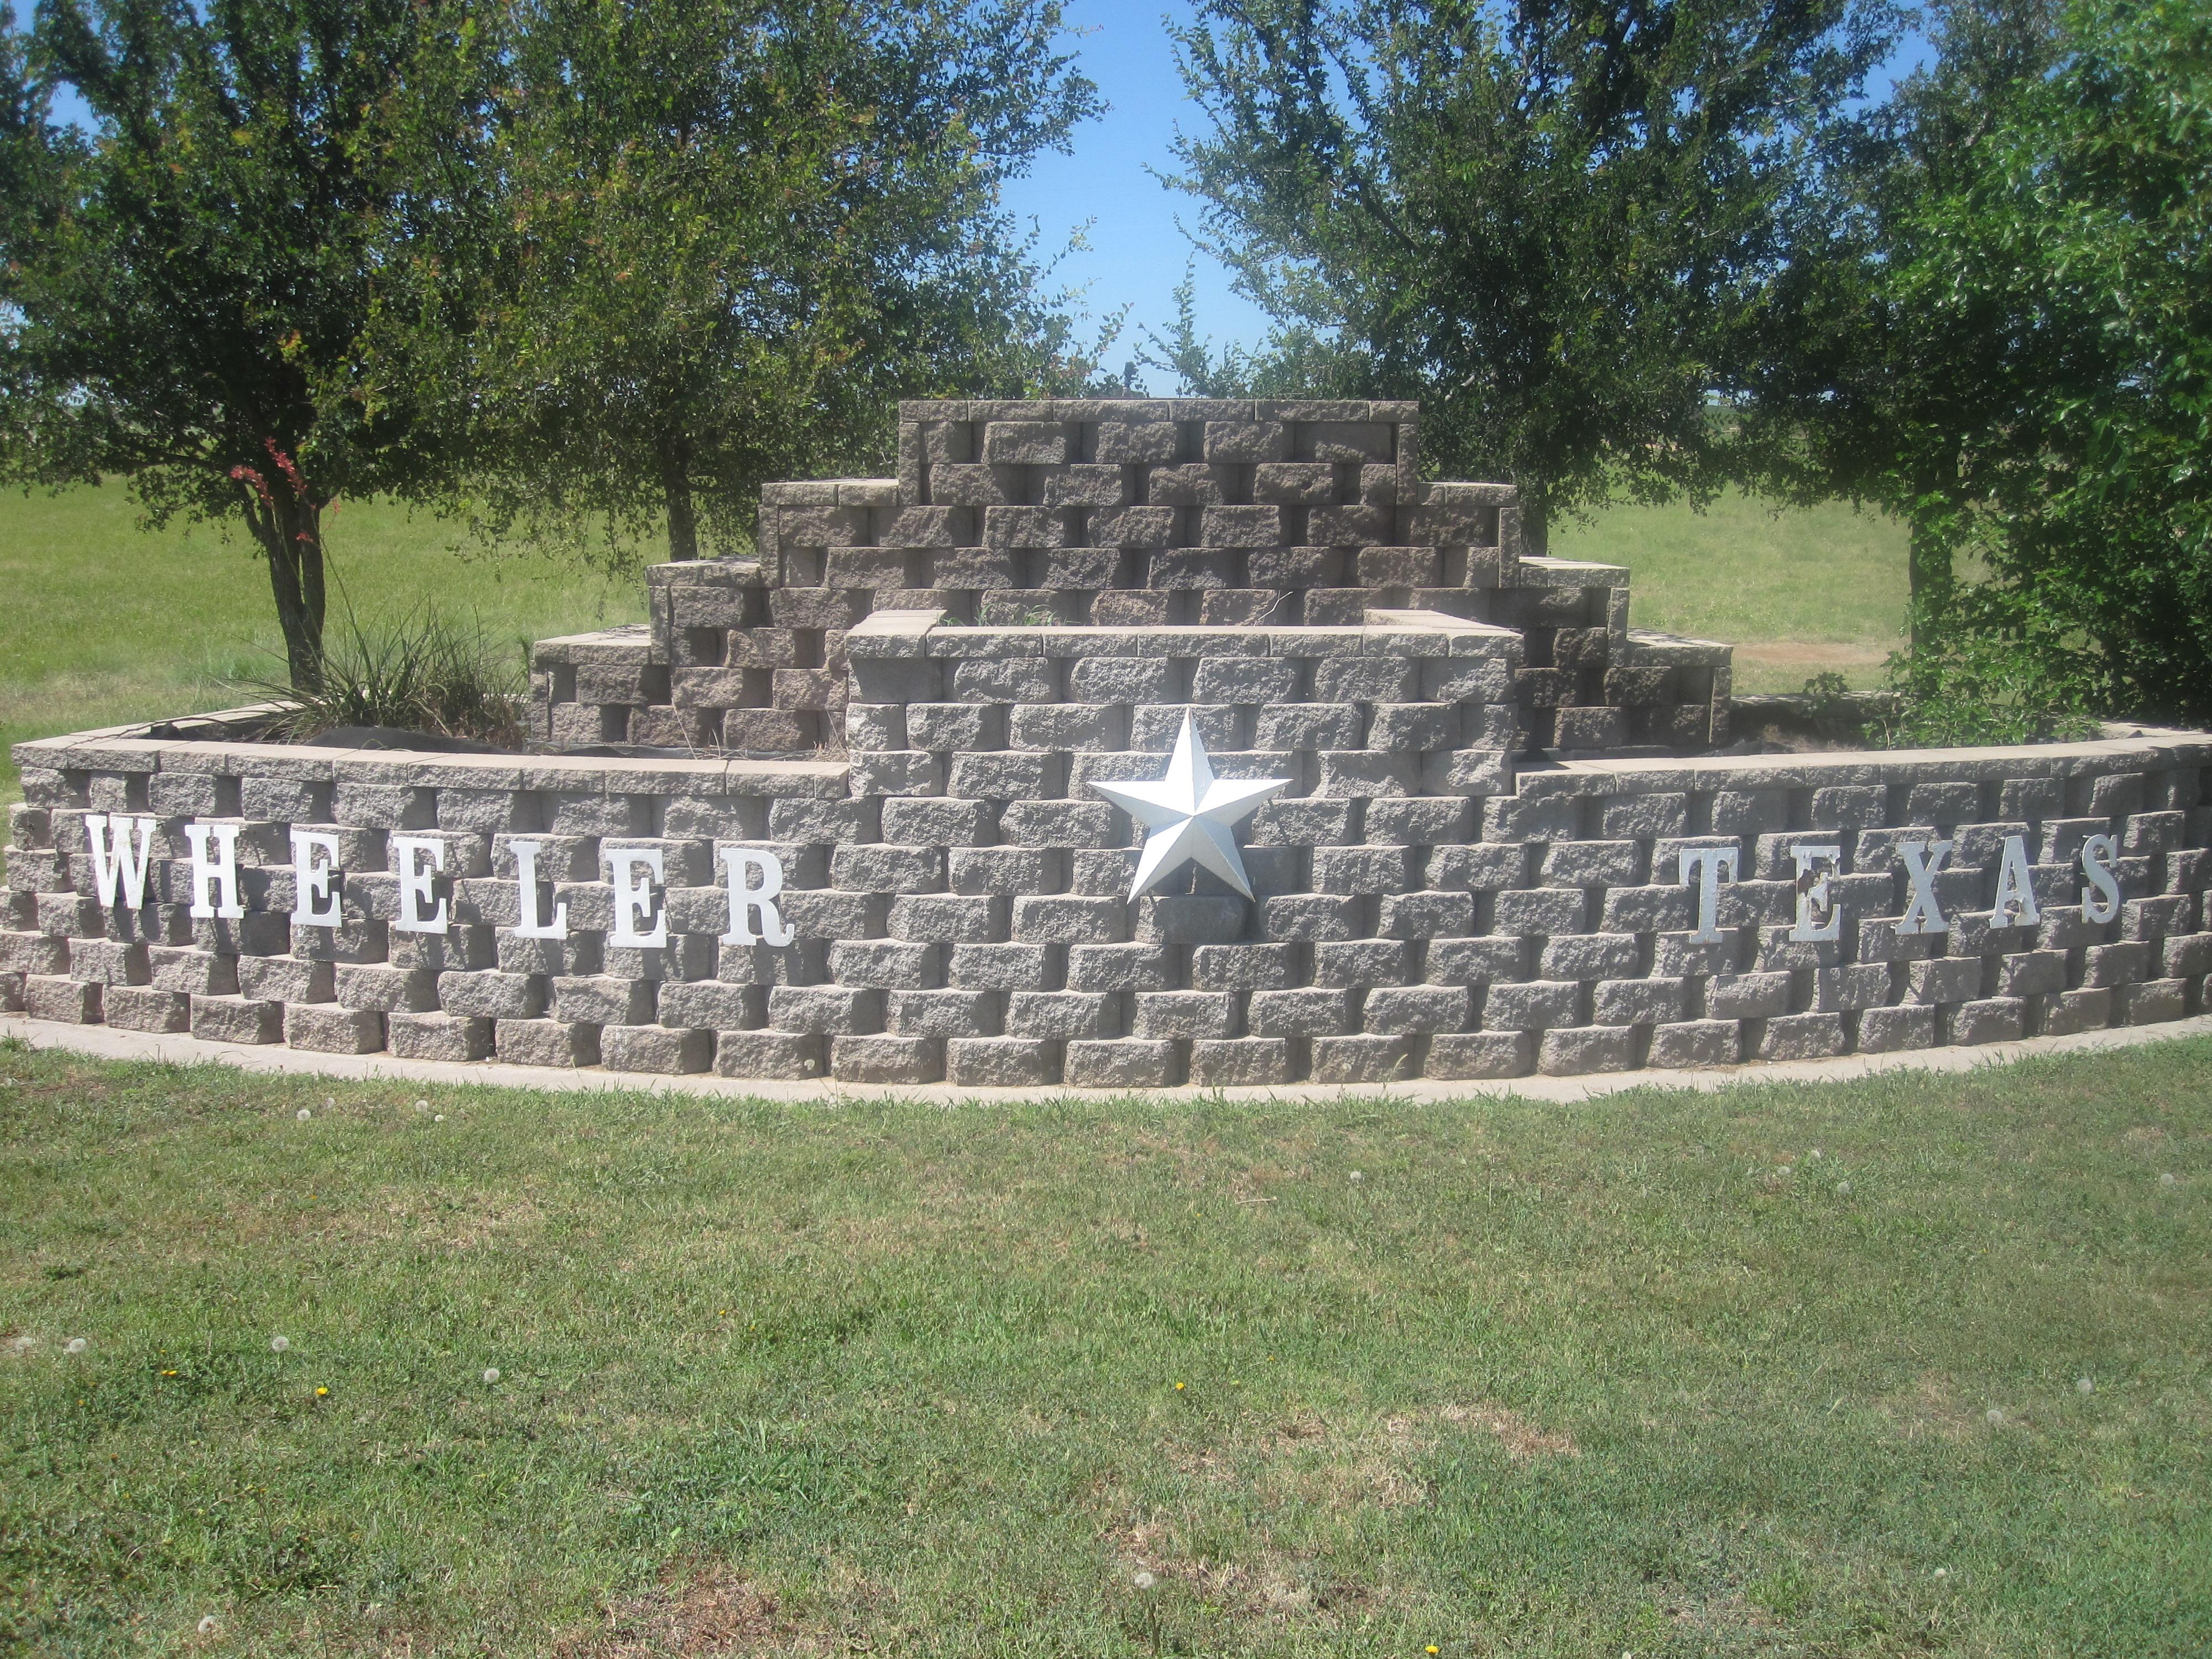 ويلر (تكساس)